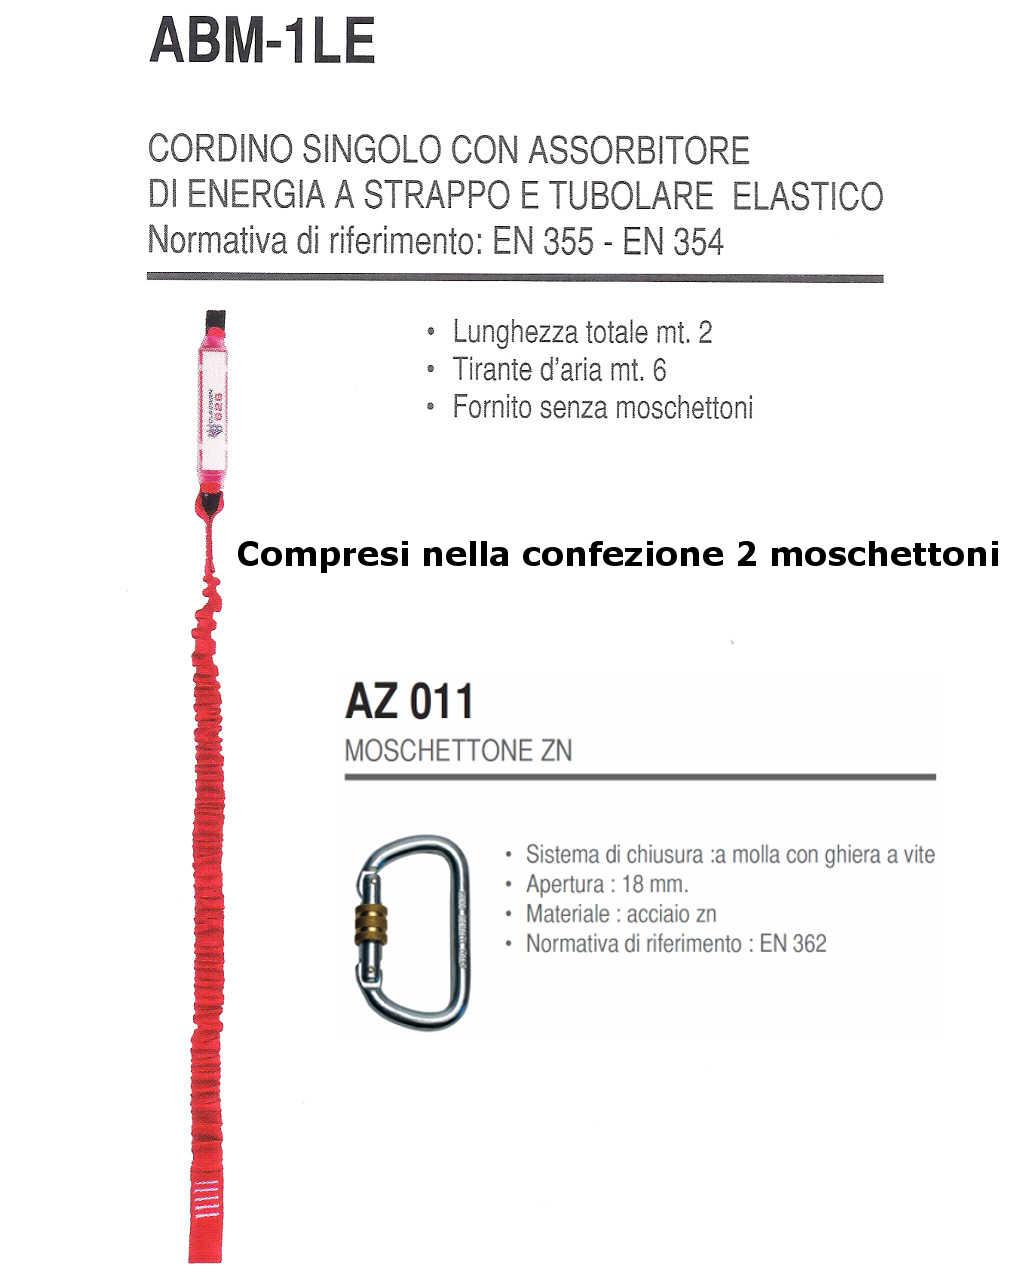 Cordino singolo con assorbitore di energia a strappo e tubolare elastico